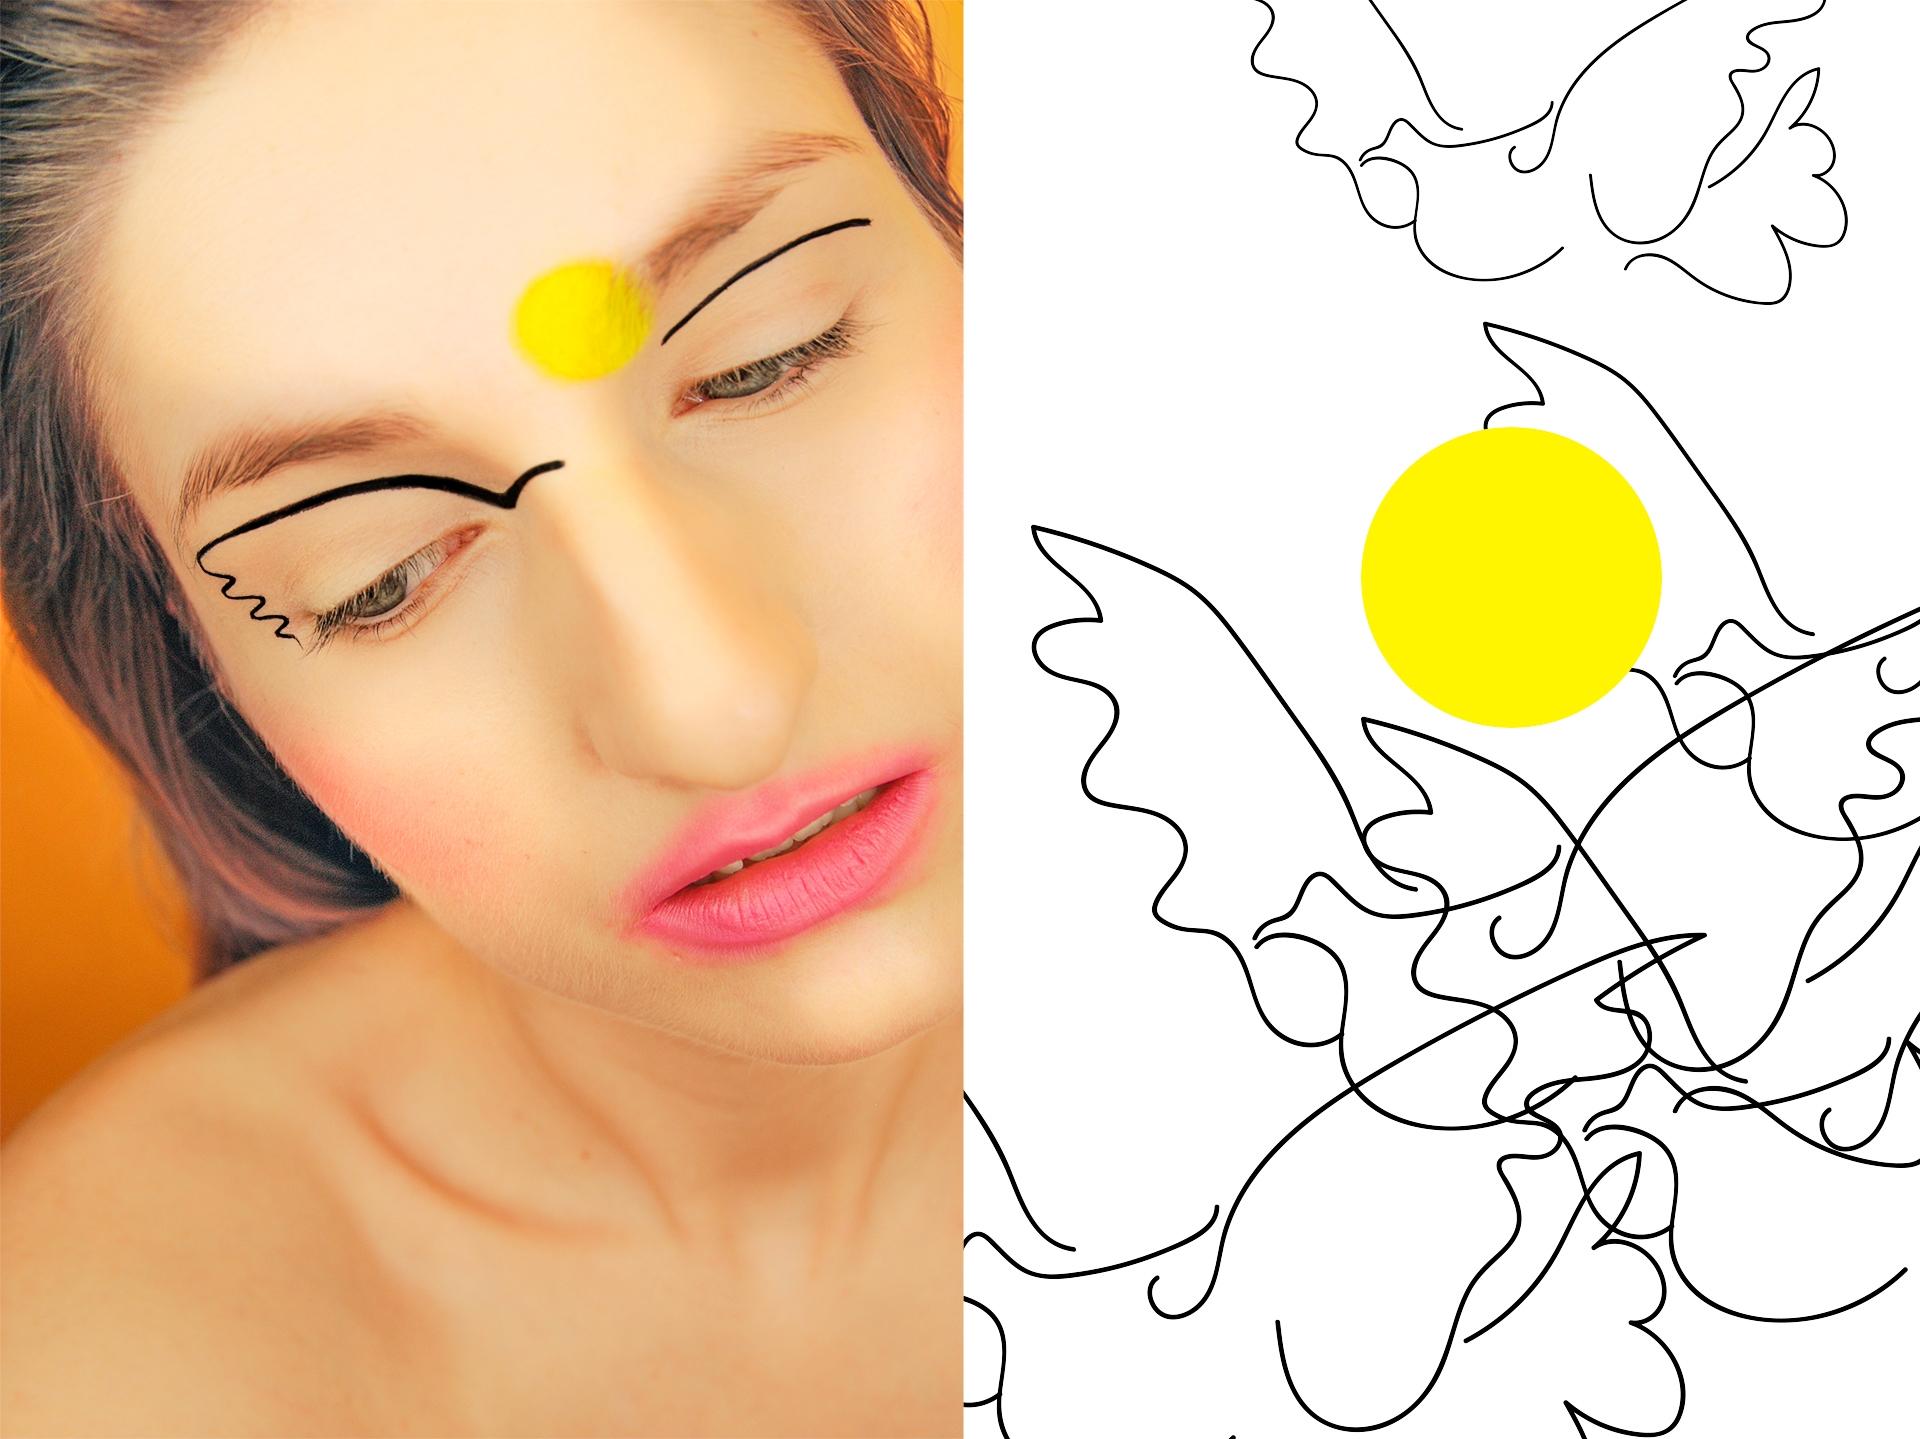 Obraz przedstawia zdjęcie kobiety w makijażu patrzącej w  dół oraz graficzne elementy, takie jak faliste linie i żółte koło.